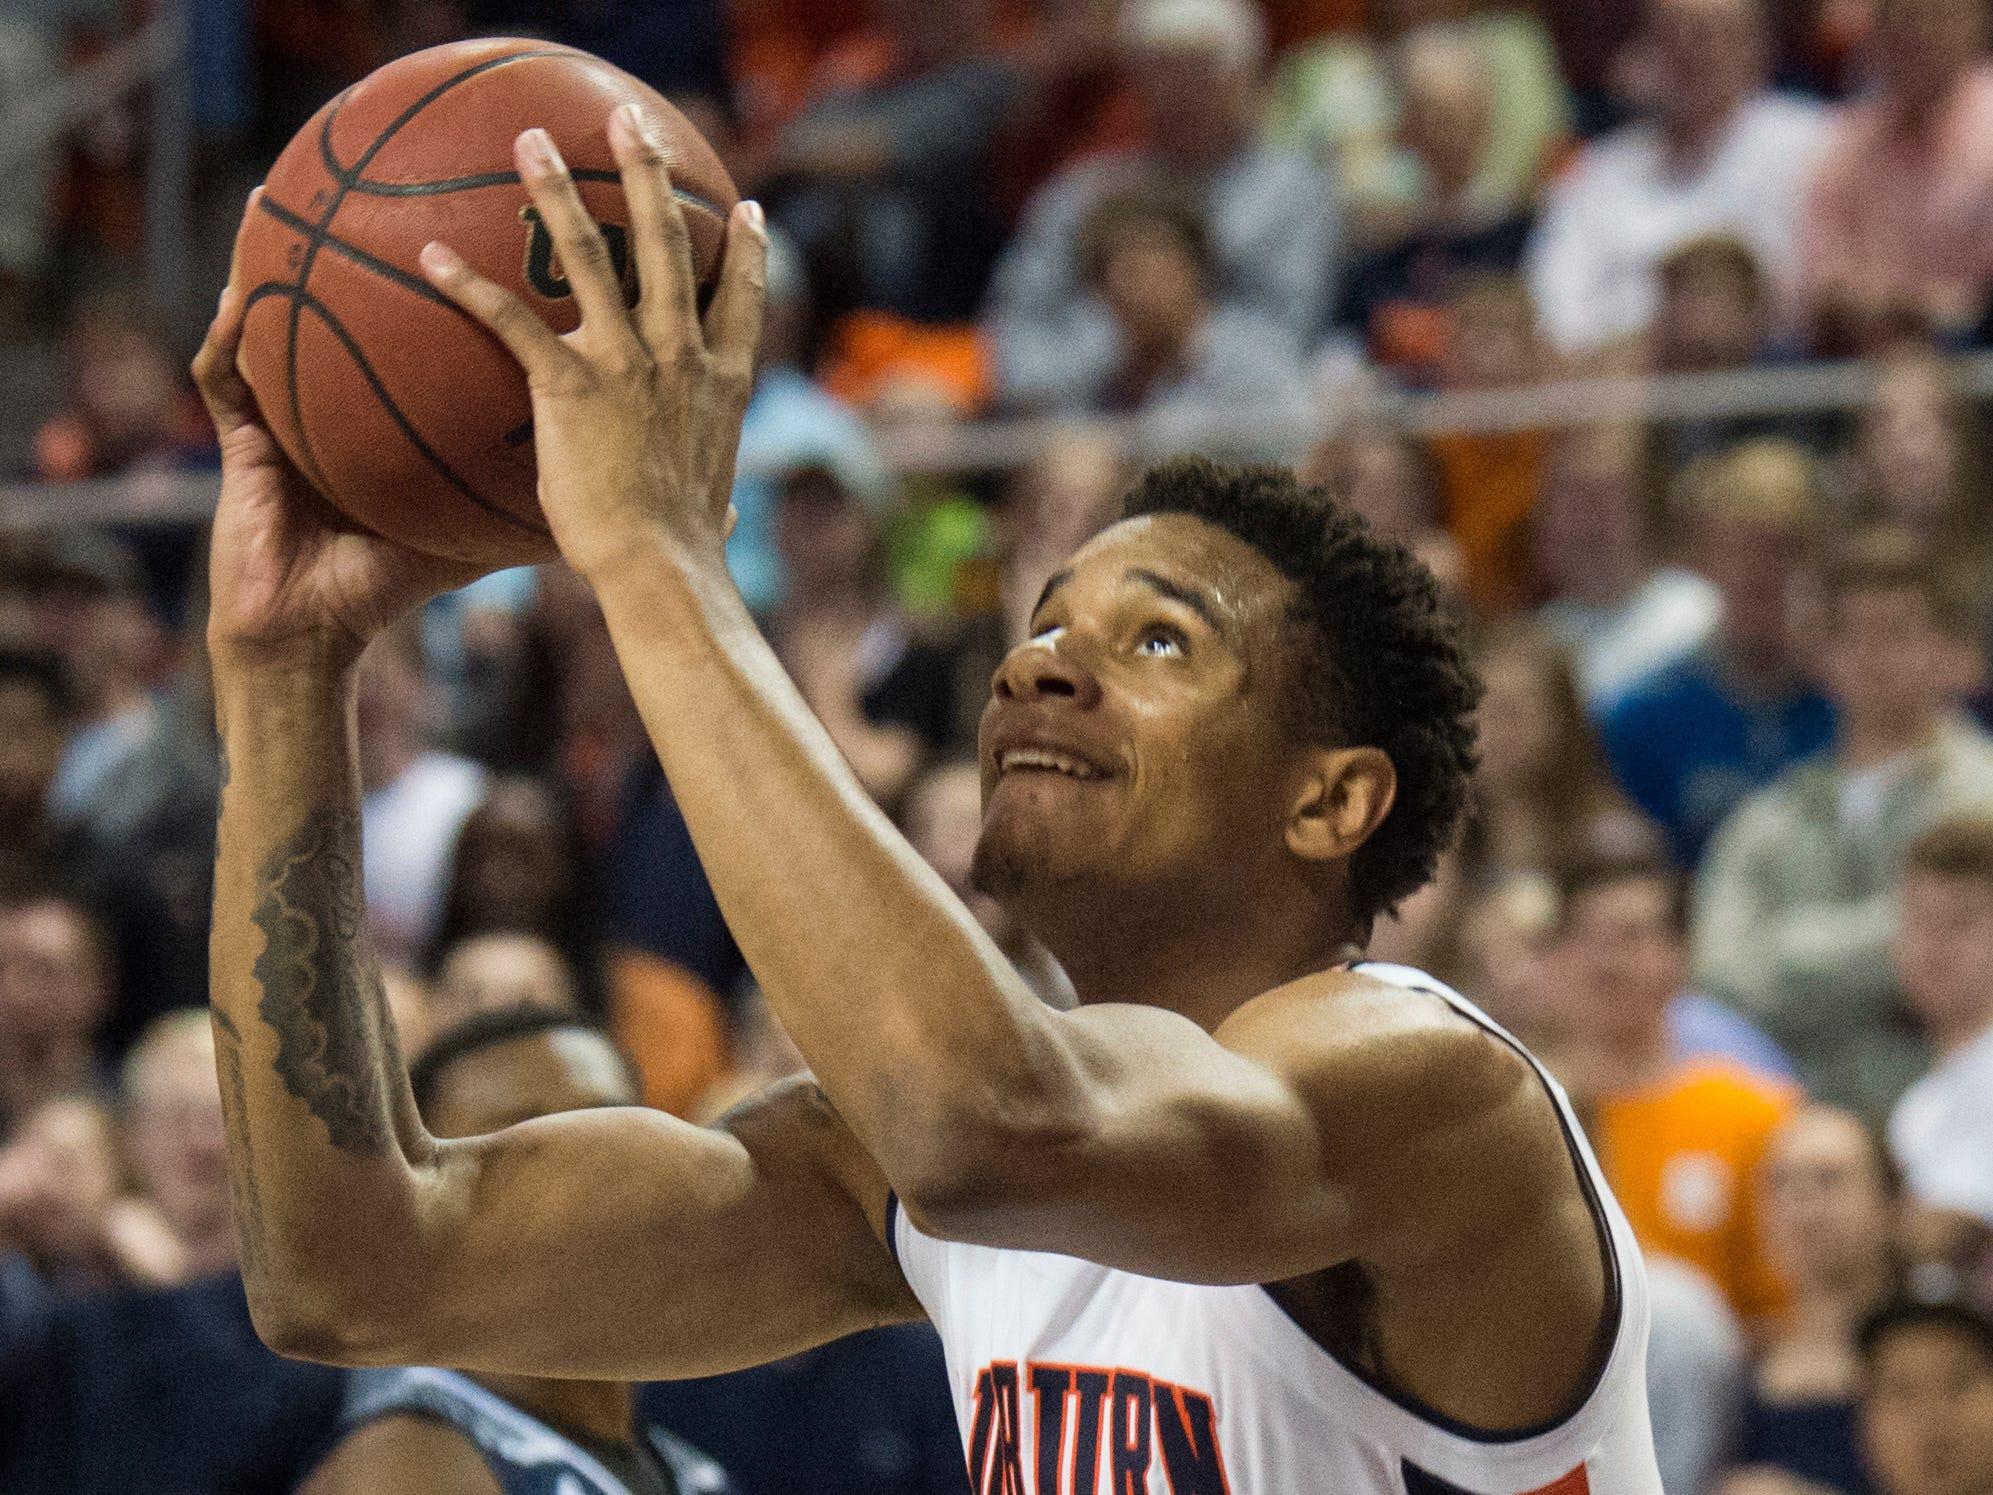 Auburn forward Chuma Okeke (5) goes up for a dunk at Auburn Arena in Auburn, Ala., on Wednesday, Nov. 28, 2018. Auburn defeated Saint Peter's 99-49.